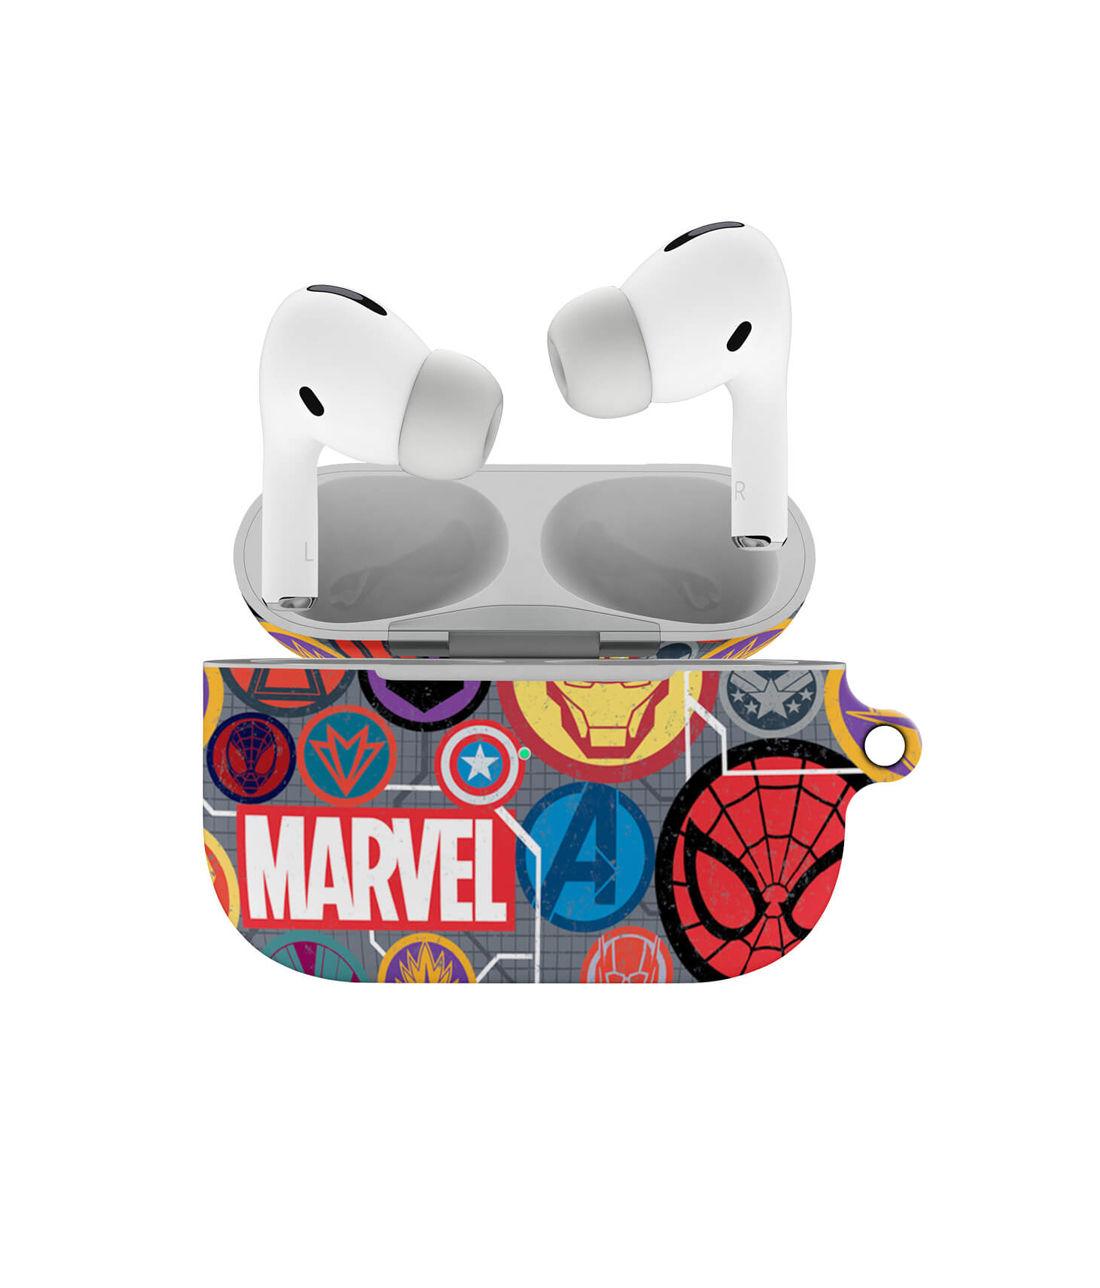 Marvel Iconic Mashup - Hard Shell Airpod Pro Case